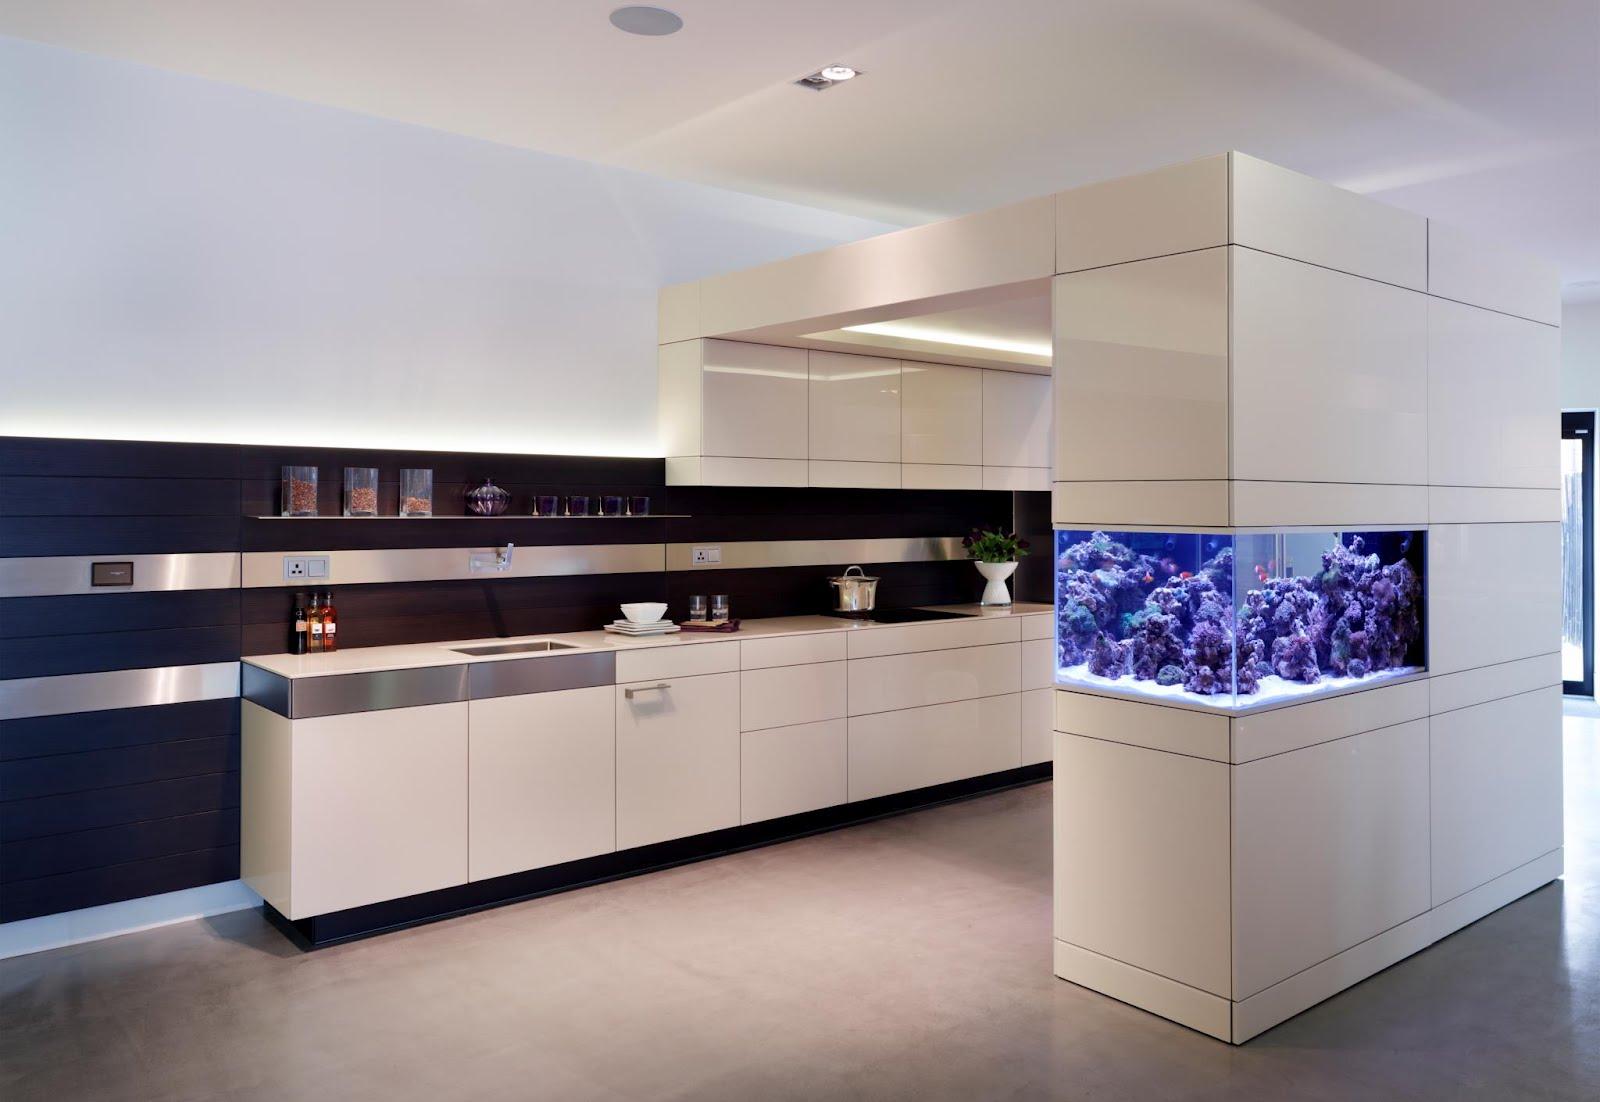 Стильный дизайн интерьера с аквариумом на кухне